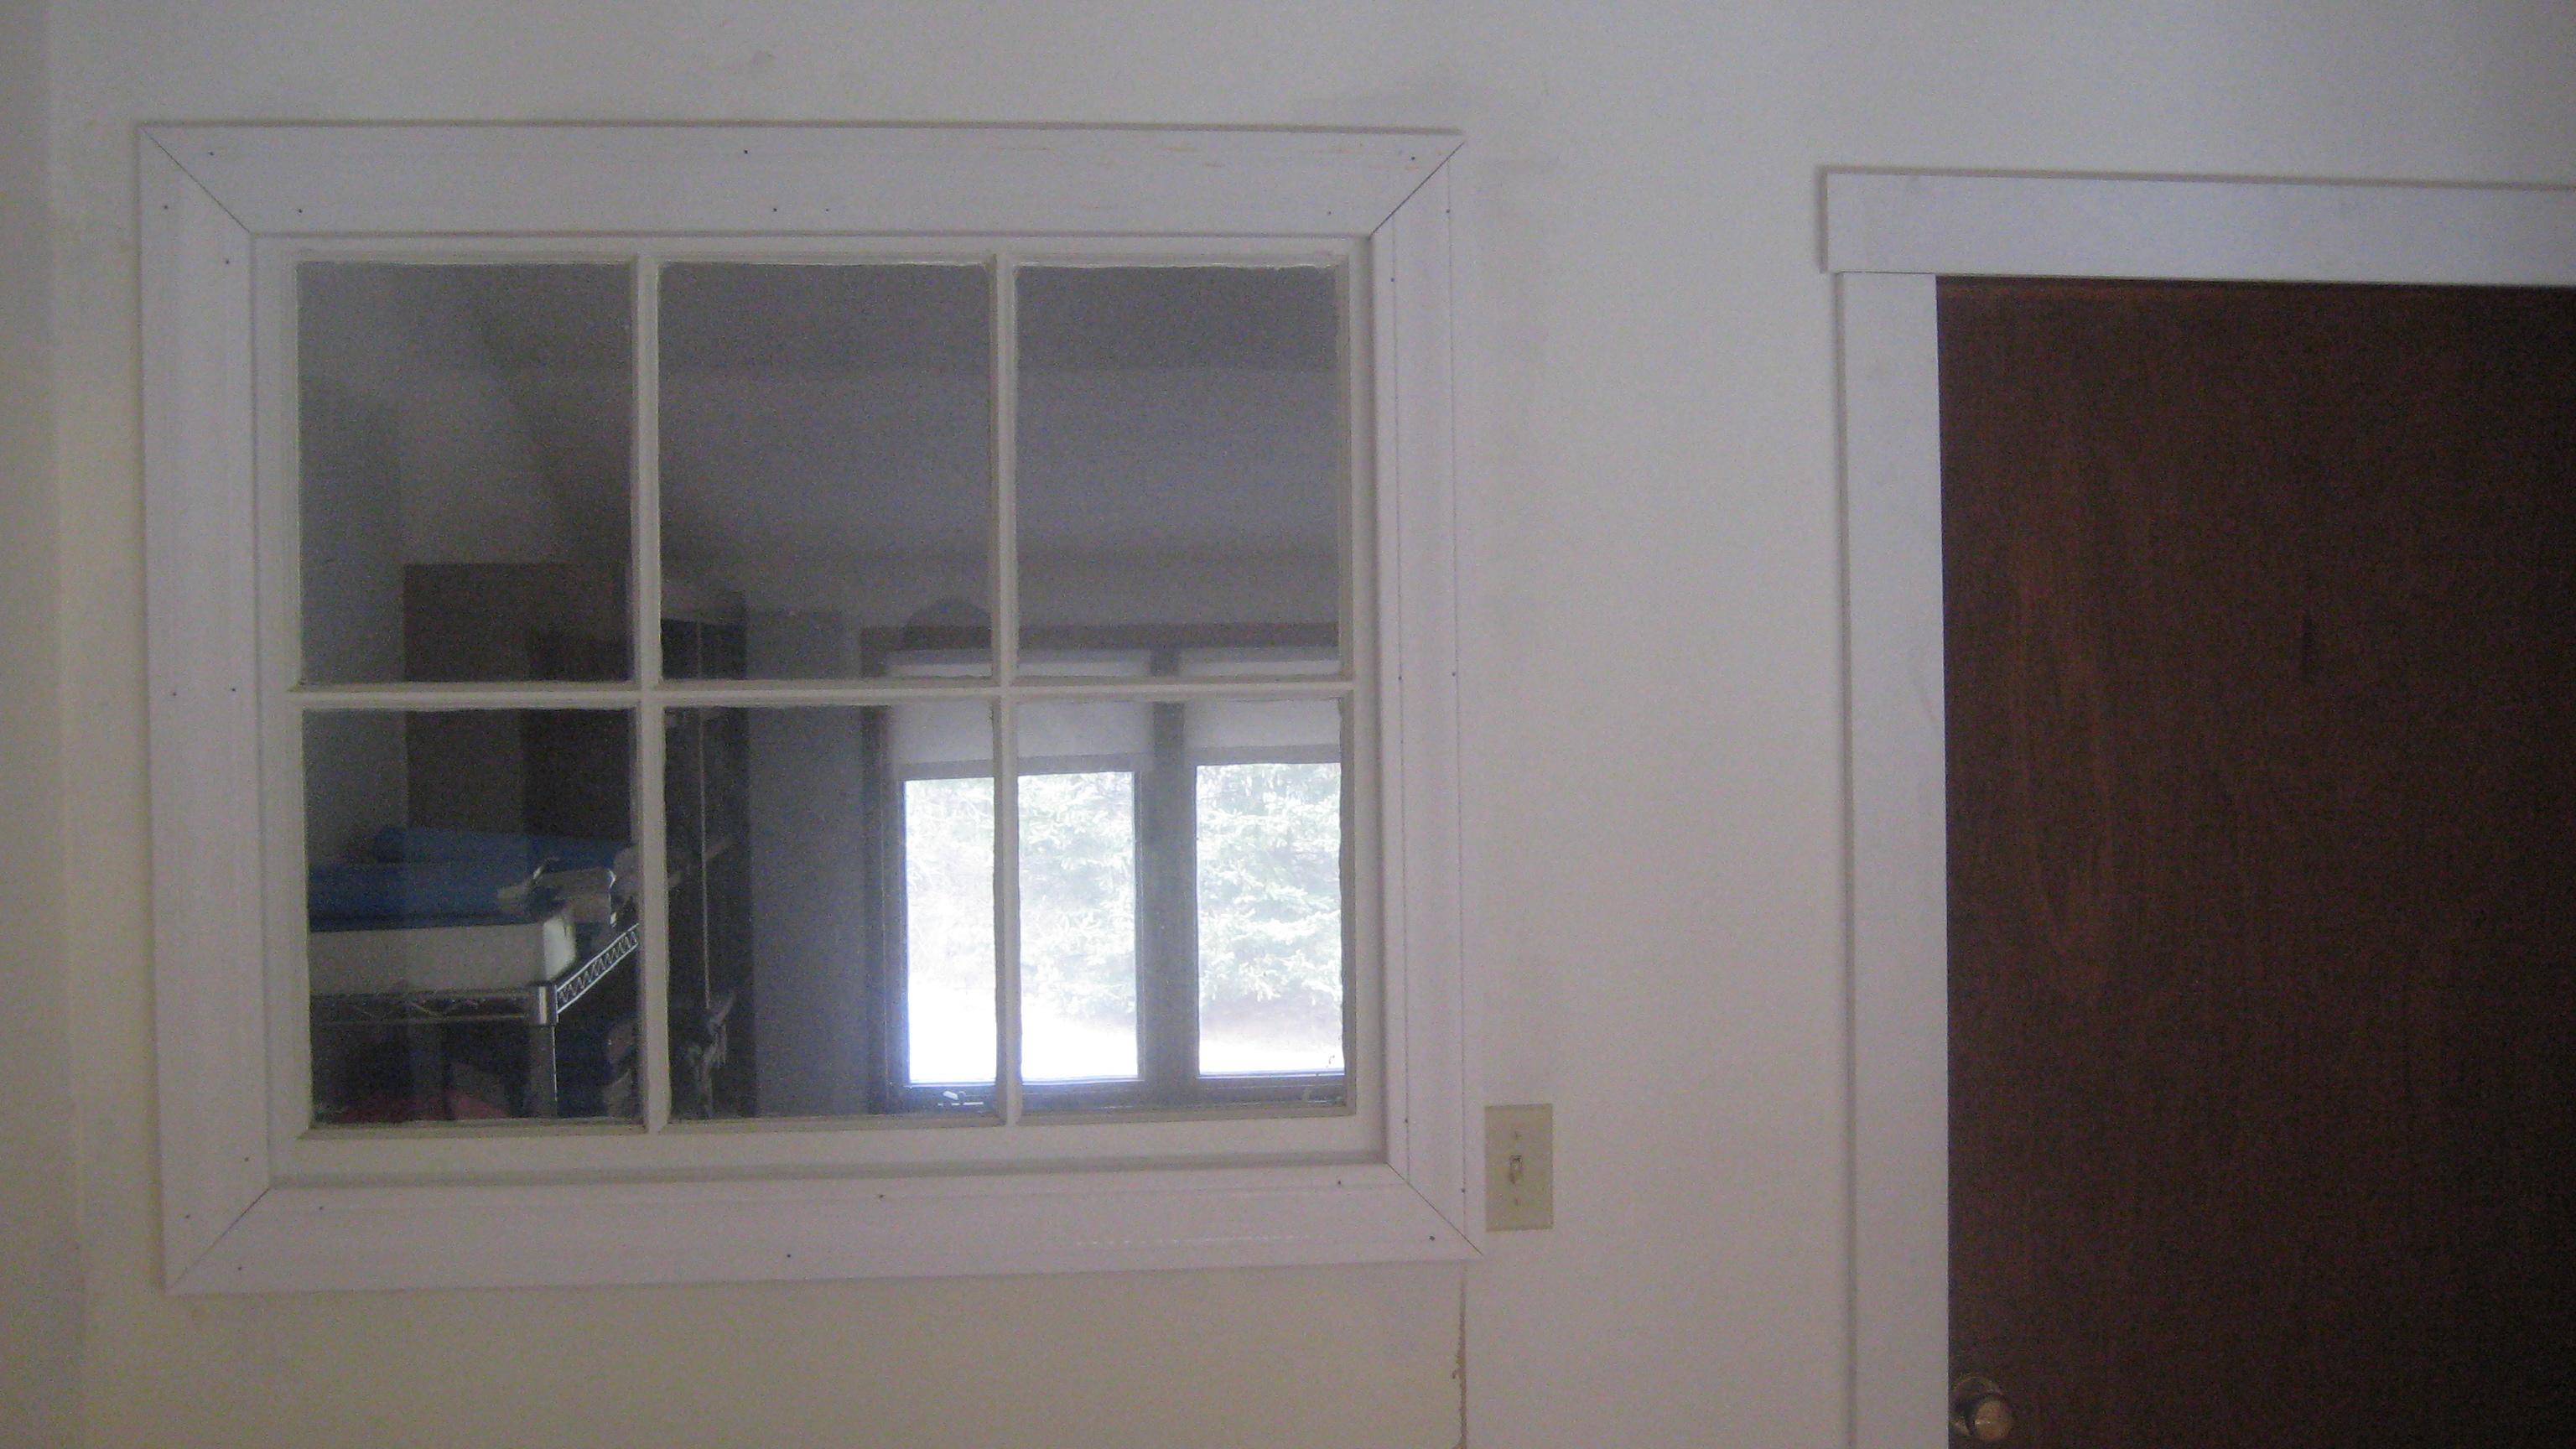 Indoor window trim how wide the trim should